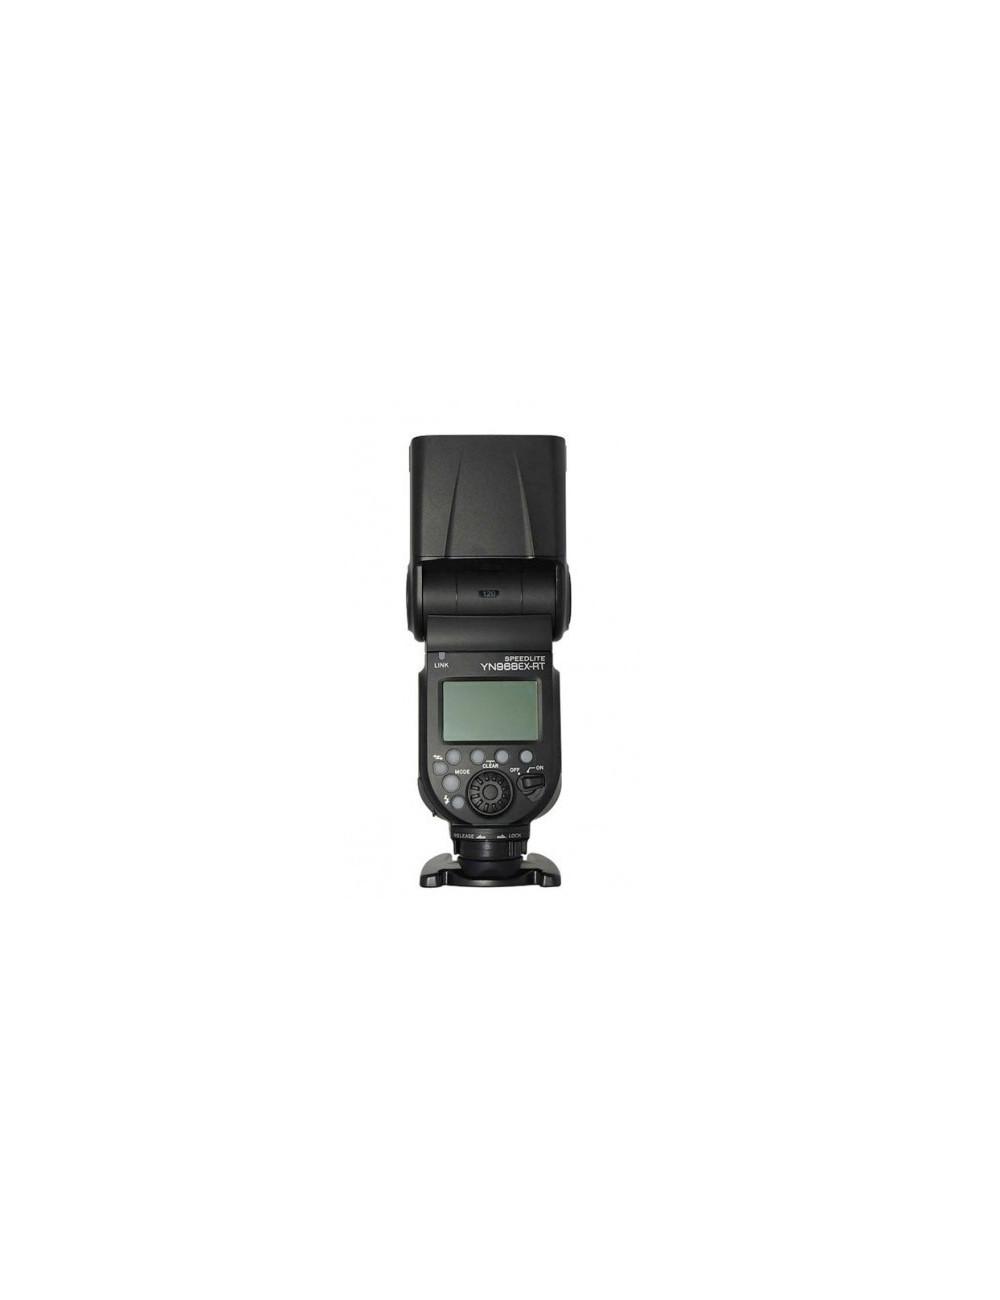 Cargador Canon LC-E8 para baterías LP-E8 Canon Original  en Chile www.apertura.cl